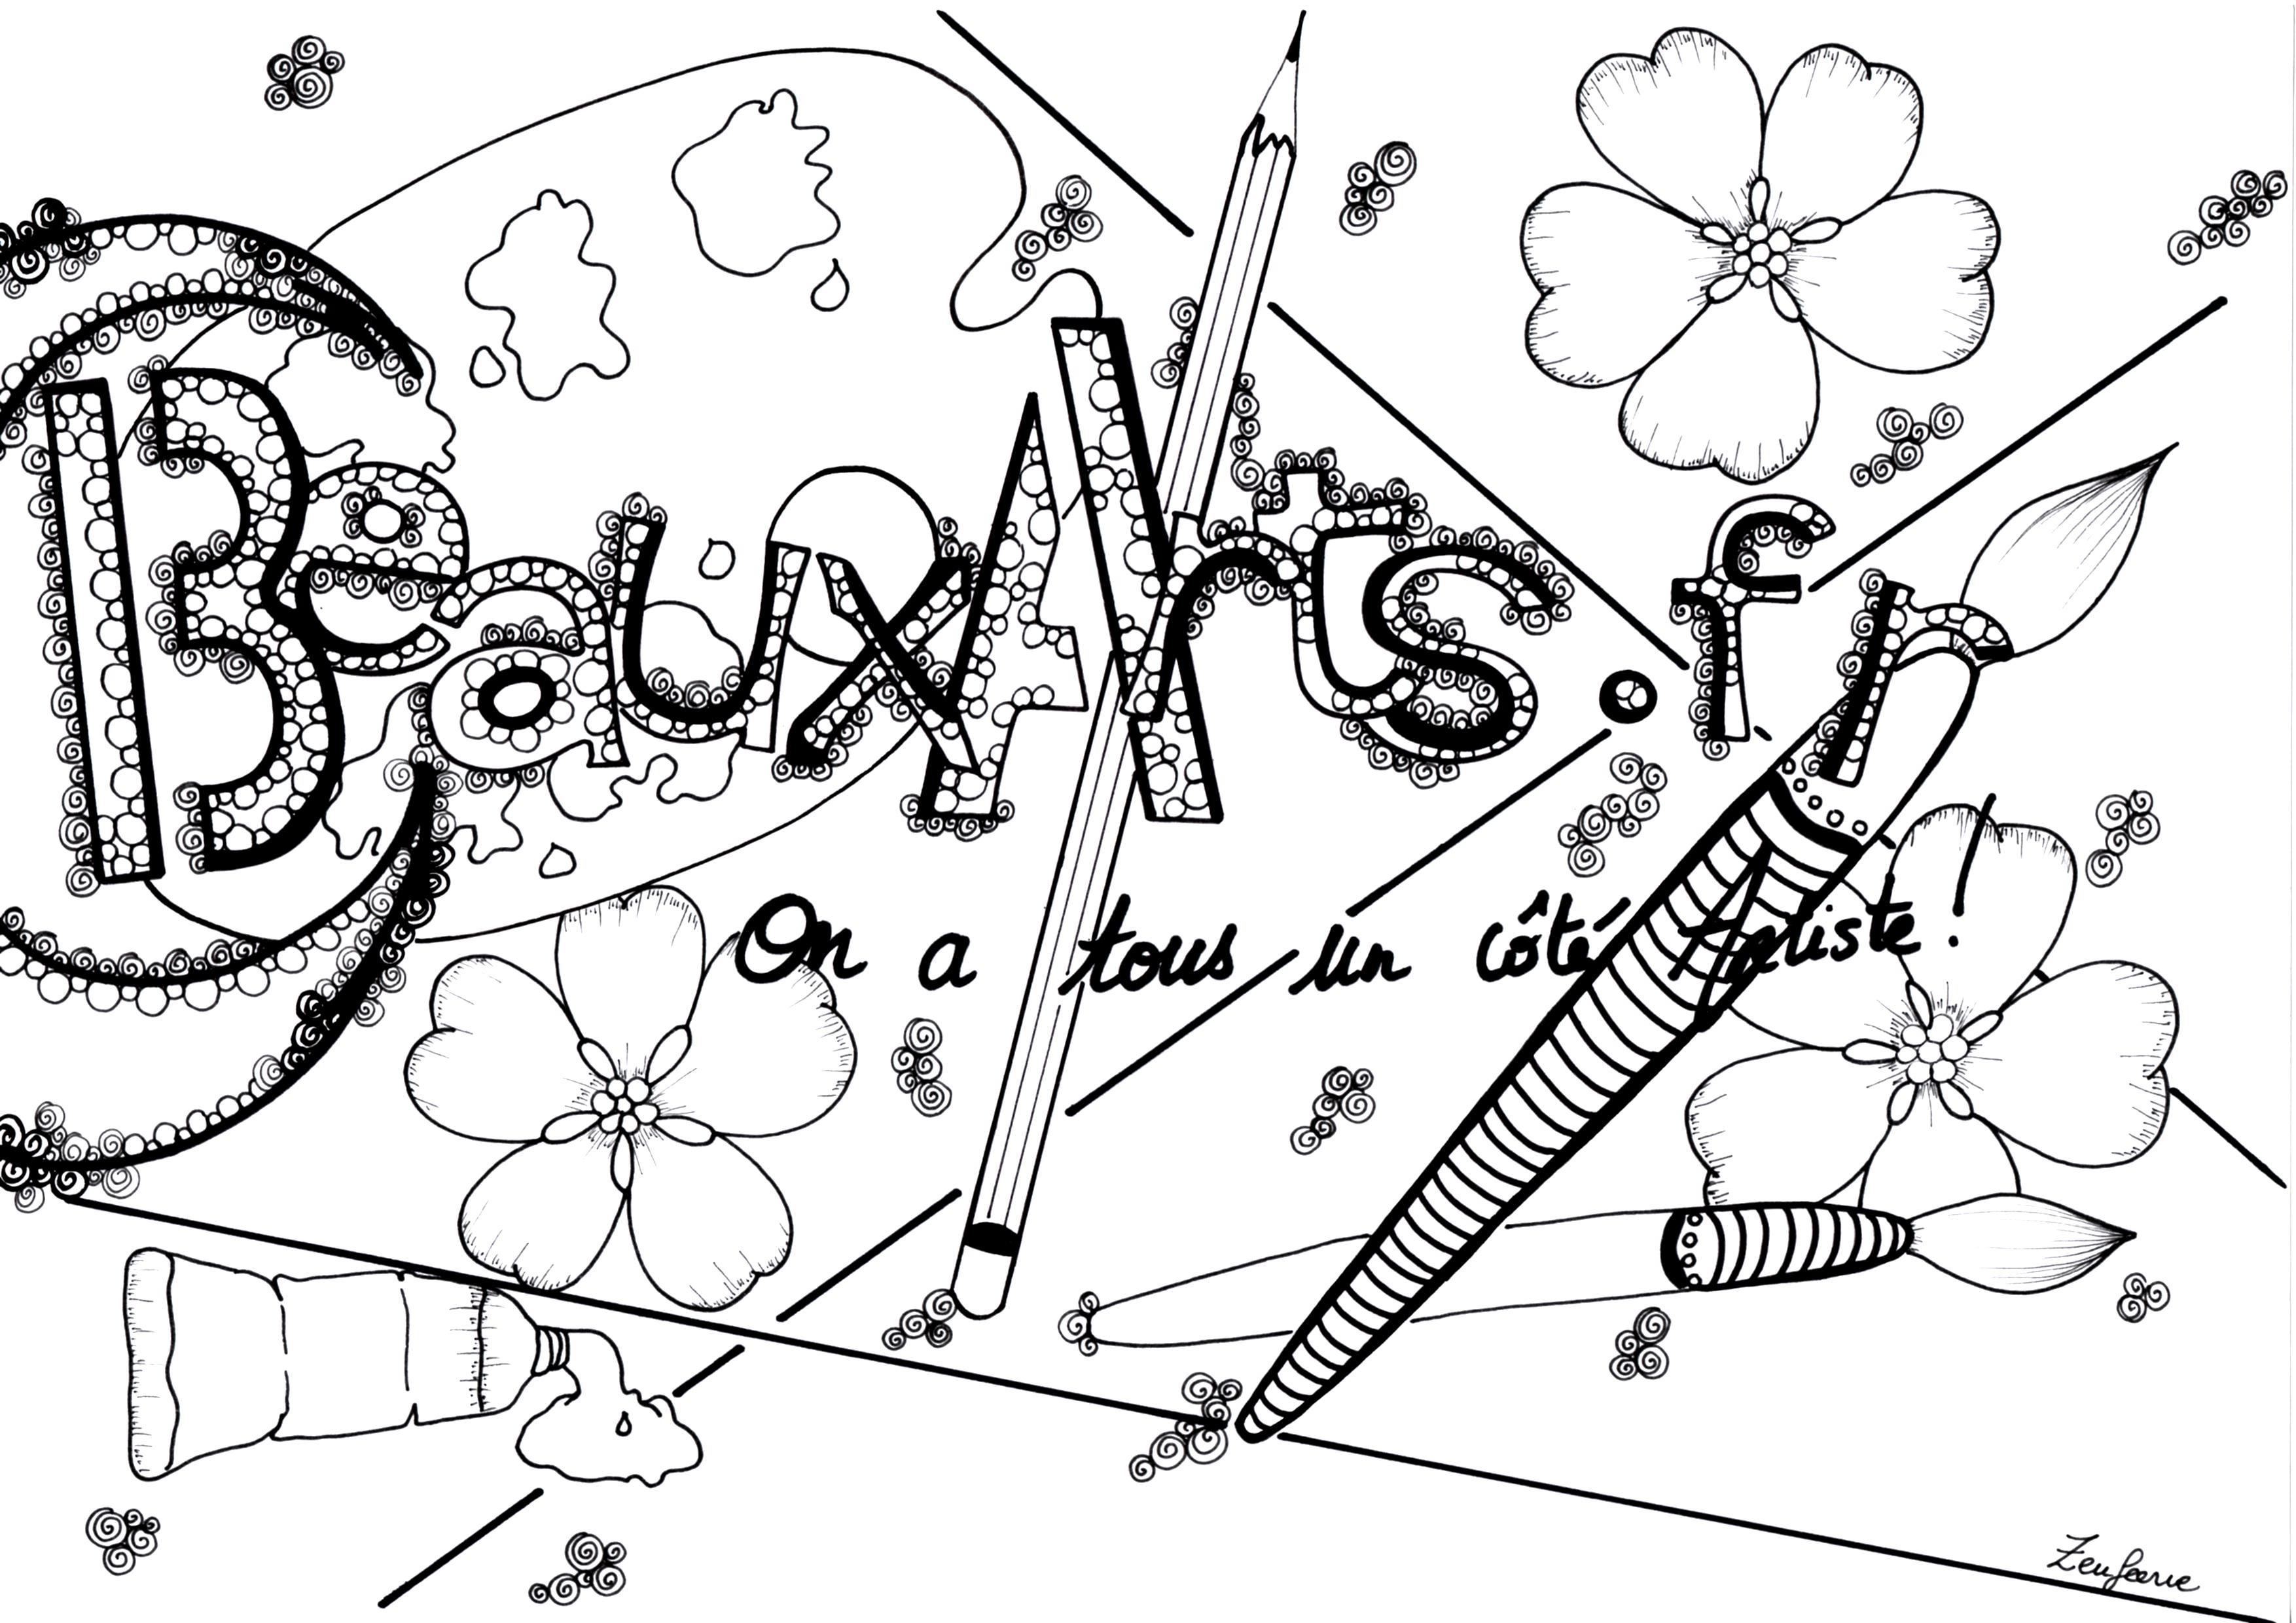 Coloriage pour le site BeauxArts.fr, style Zentangle